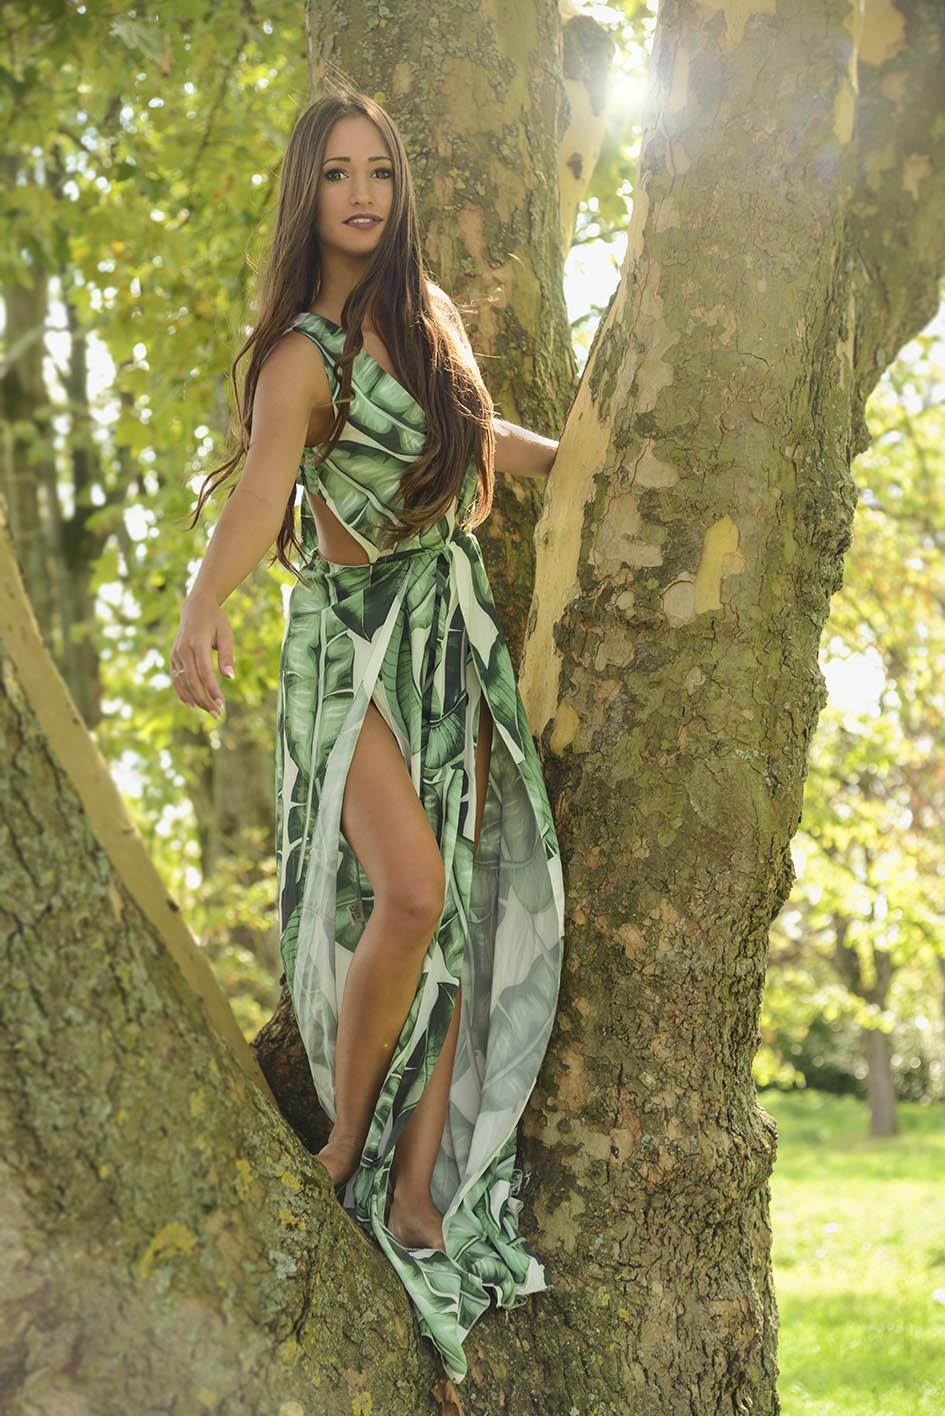 outdoor boudoir fotografie